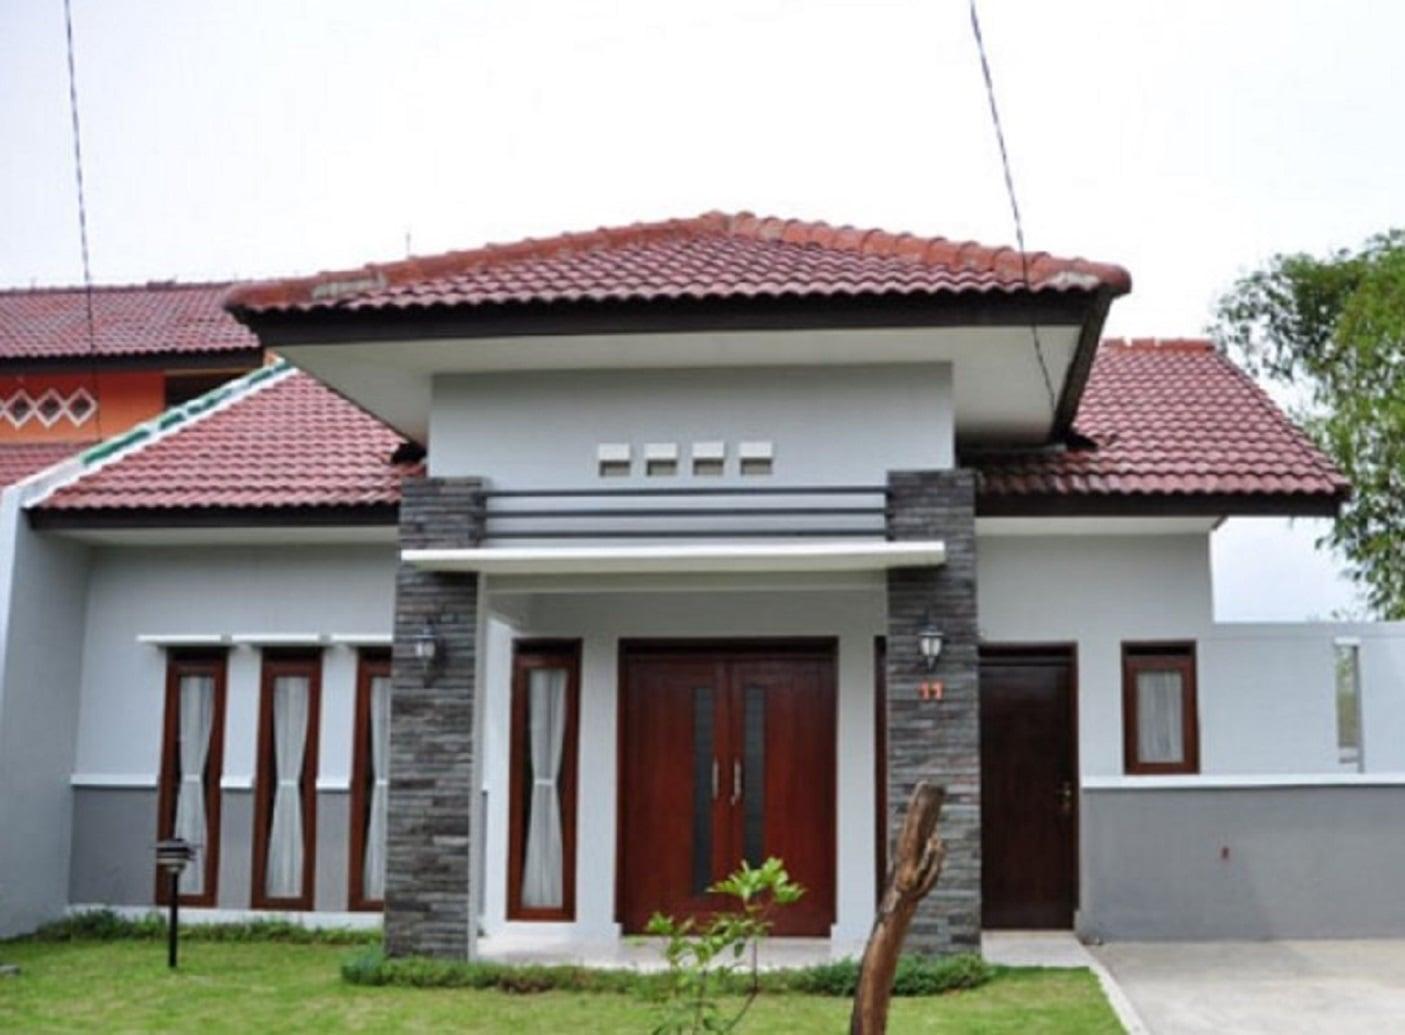 44 Desain Rumah Minimalis Sederhana Di Desa Rumahmini45